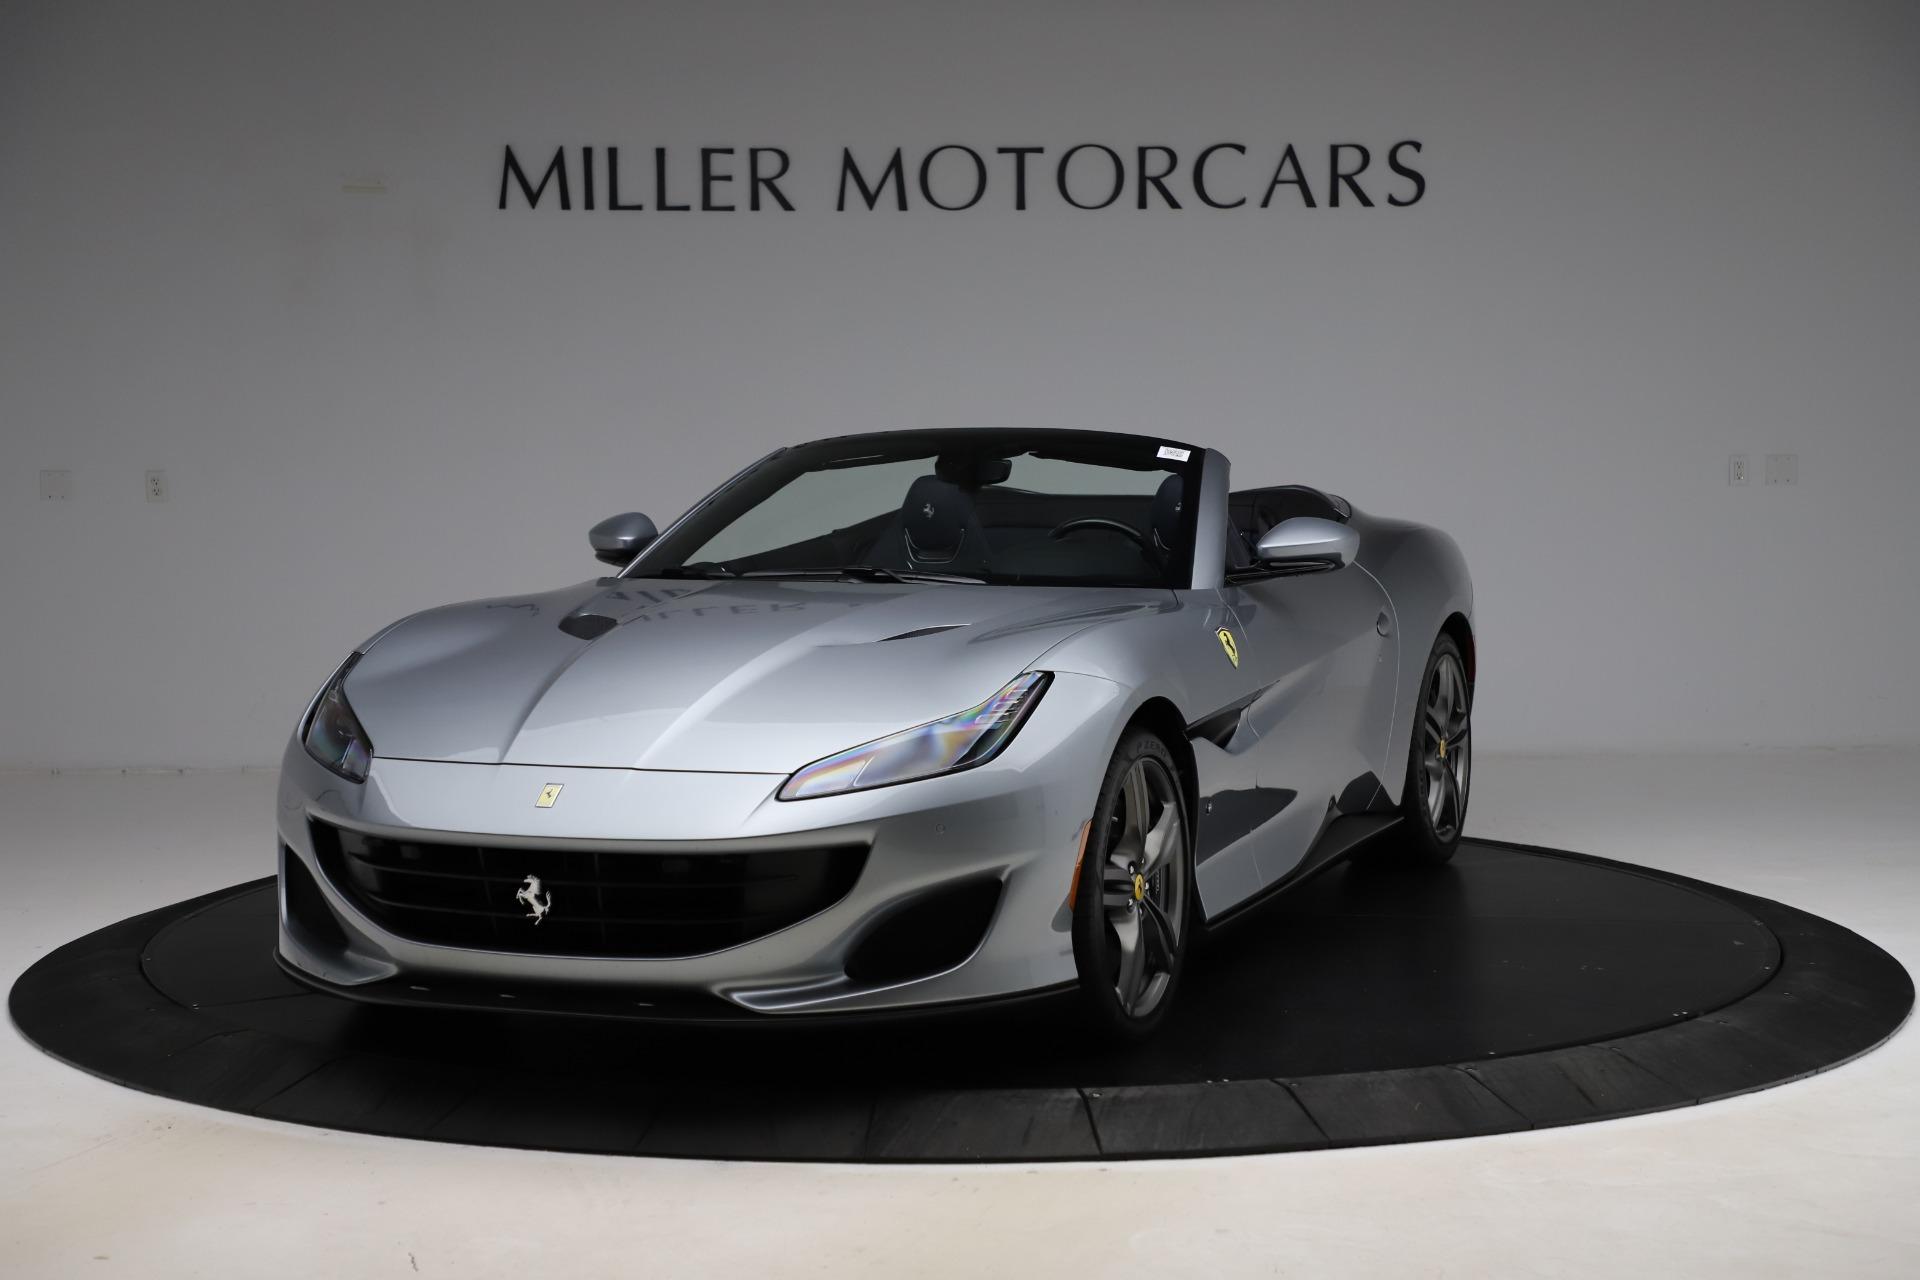 Used 2019 Ferrari Portofino for sale $229,900 at Pagani of Greenwich in Greenwich CT 06830 1